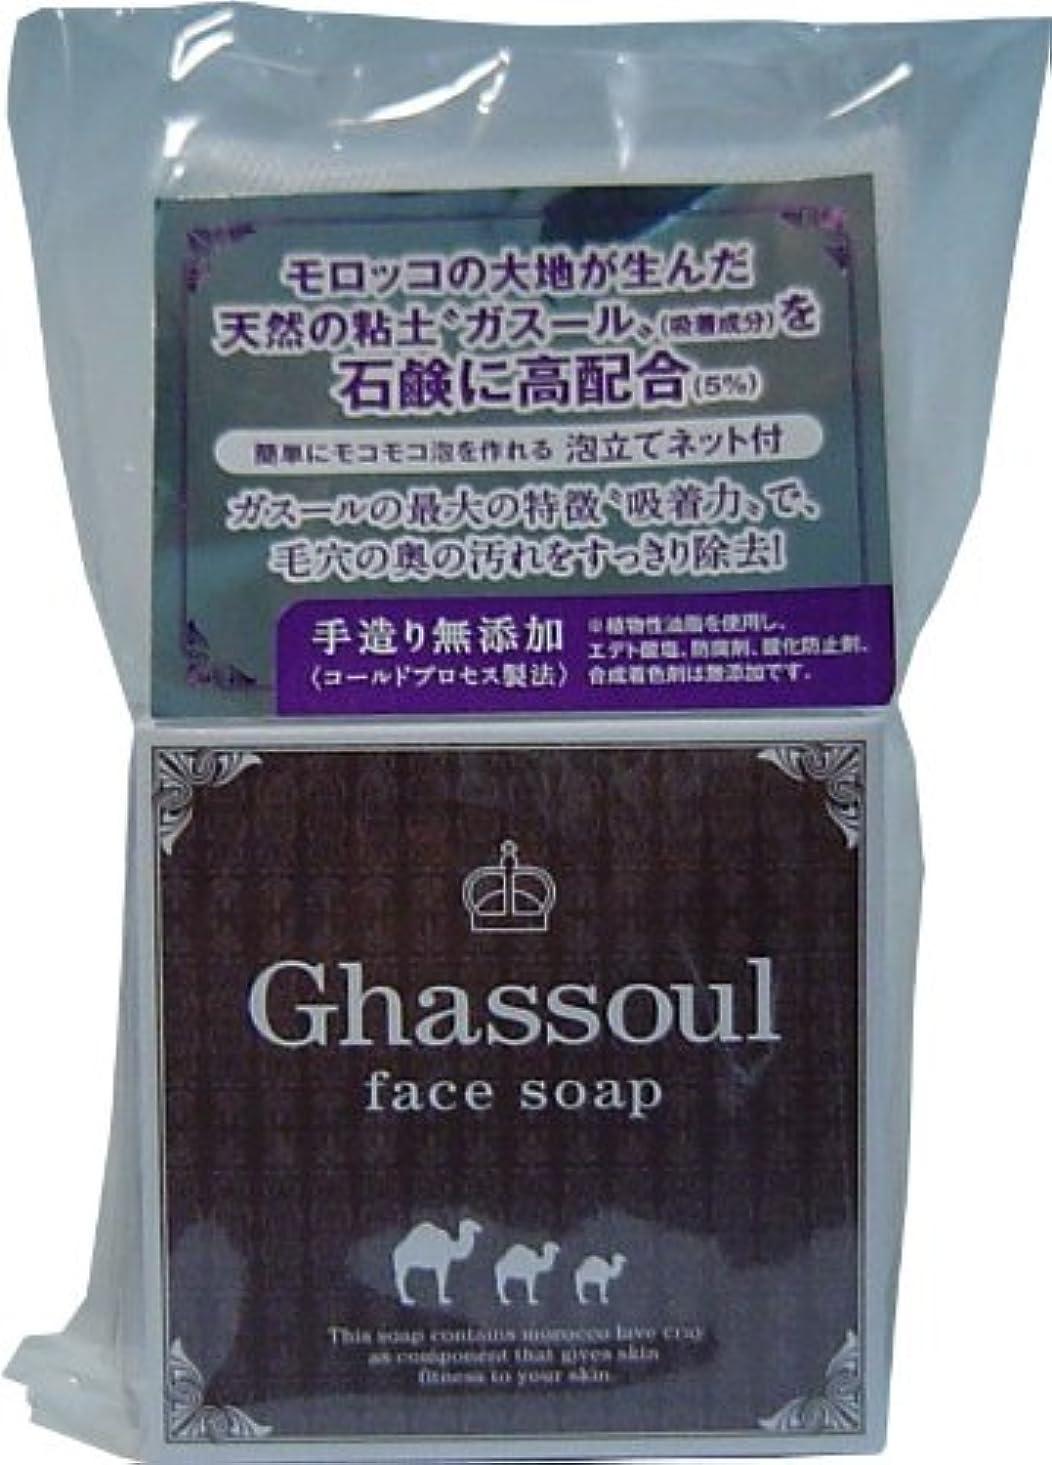 プランテーション取り壊す小間Ghassoul face soap ガスールフェイスソープ 100g ×10個セット